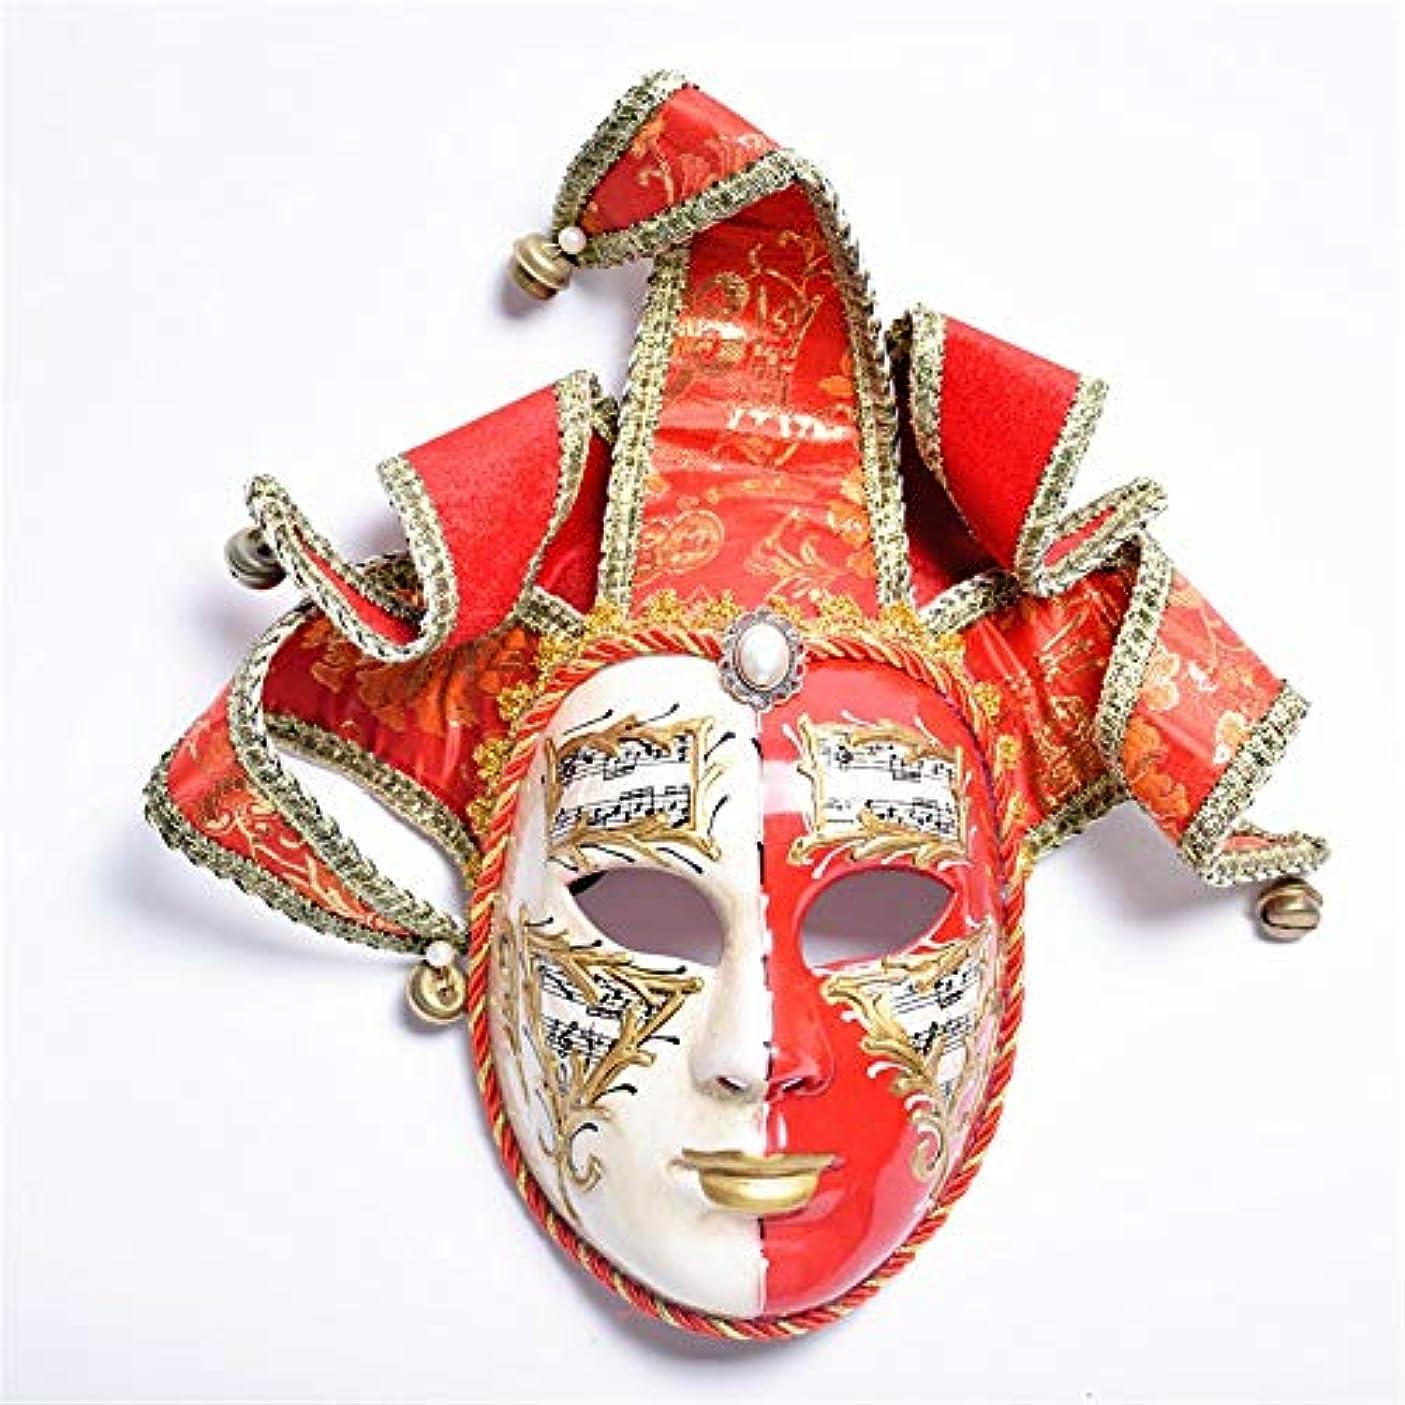 野菜キリスト最初ダンスマスク レッドゴールドマスク女性仮装パーティーナイトクラブロールプレイング装飾プラスチックマスク ホリデーパーティー用品 (色 : Red+Gold, サイズ : 33x31cm)